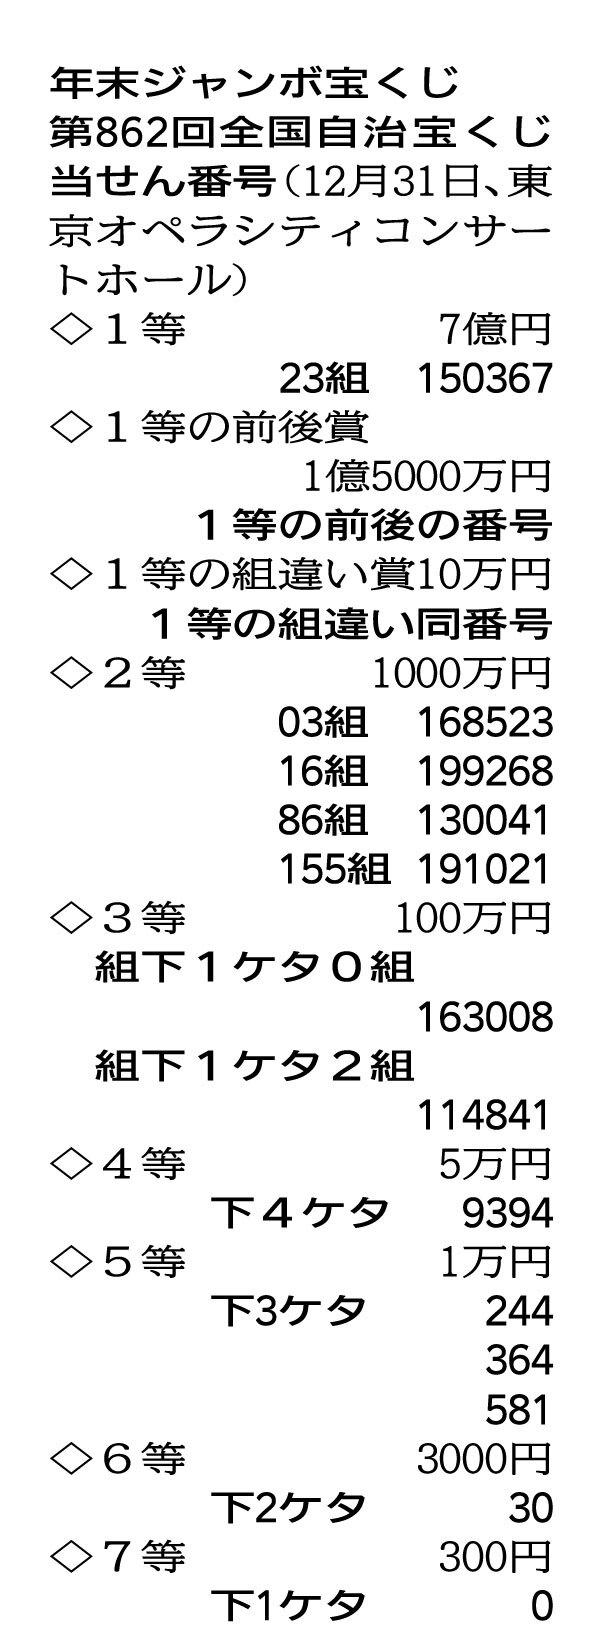 当選 2020 宝くじ 番号 ミニ